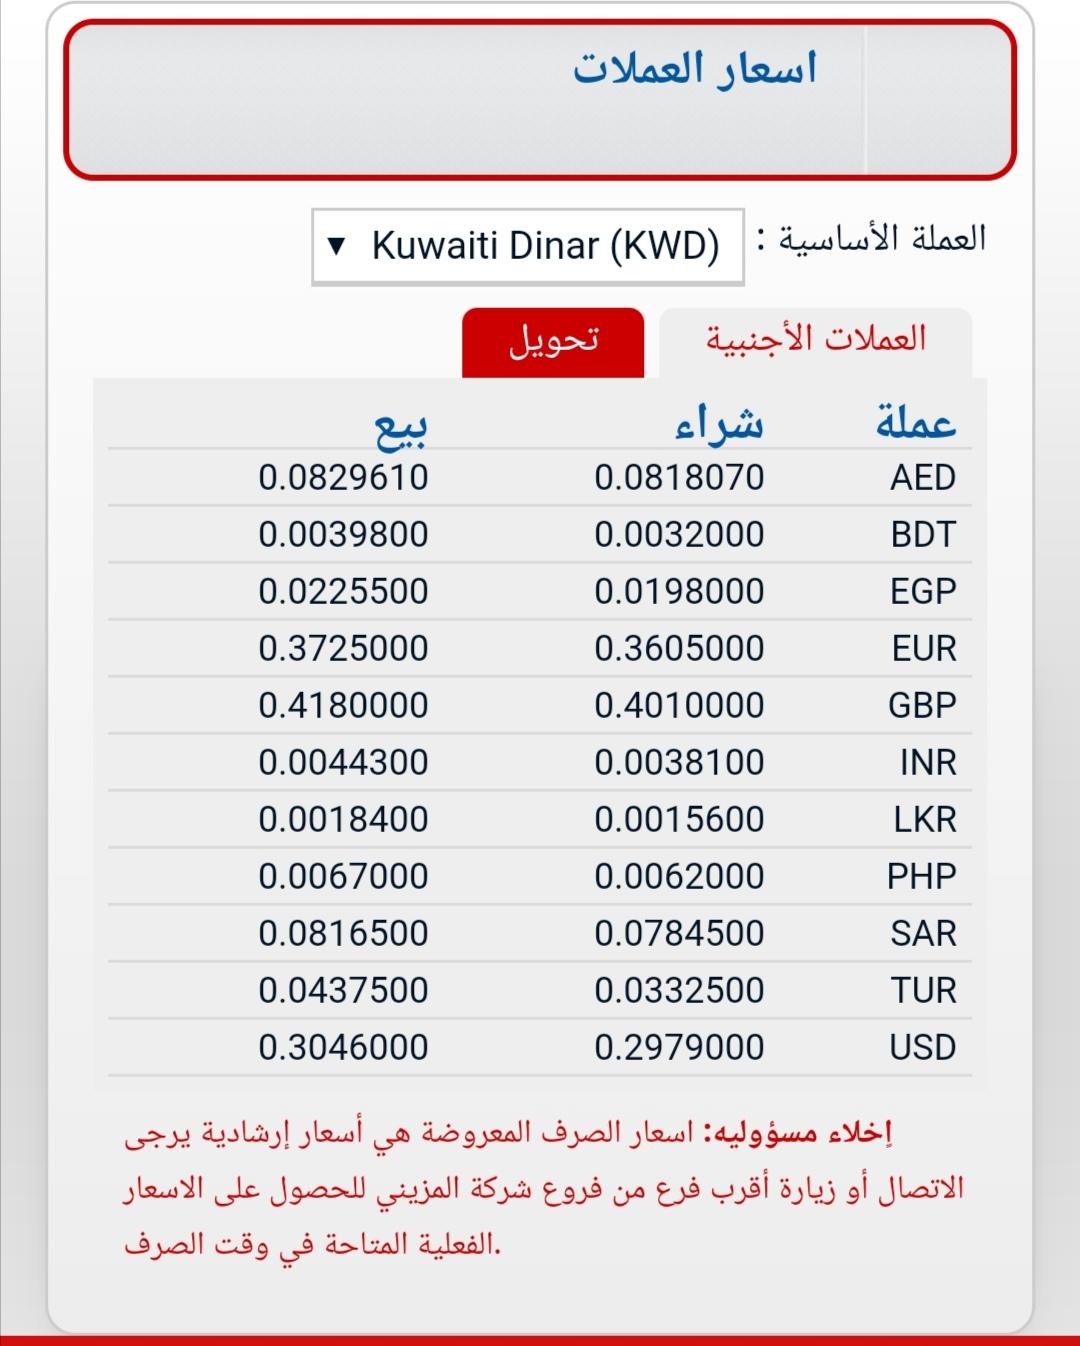 سعر تحويل المزيني تحويلات العملات المزيني ١٧ يناير ٢٠٢١